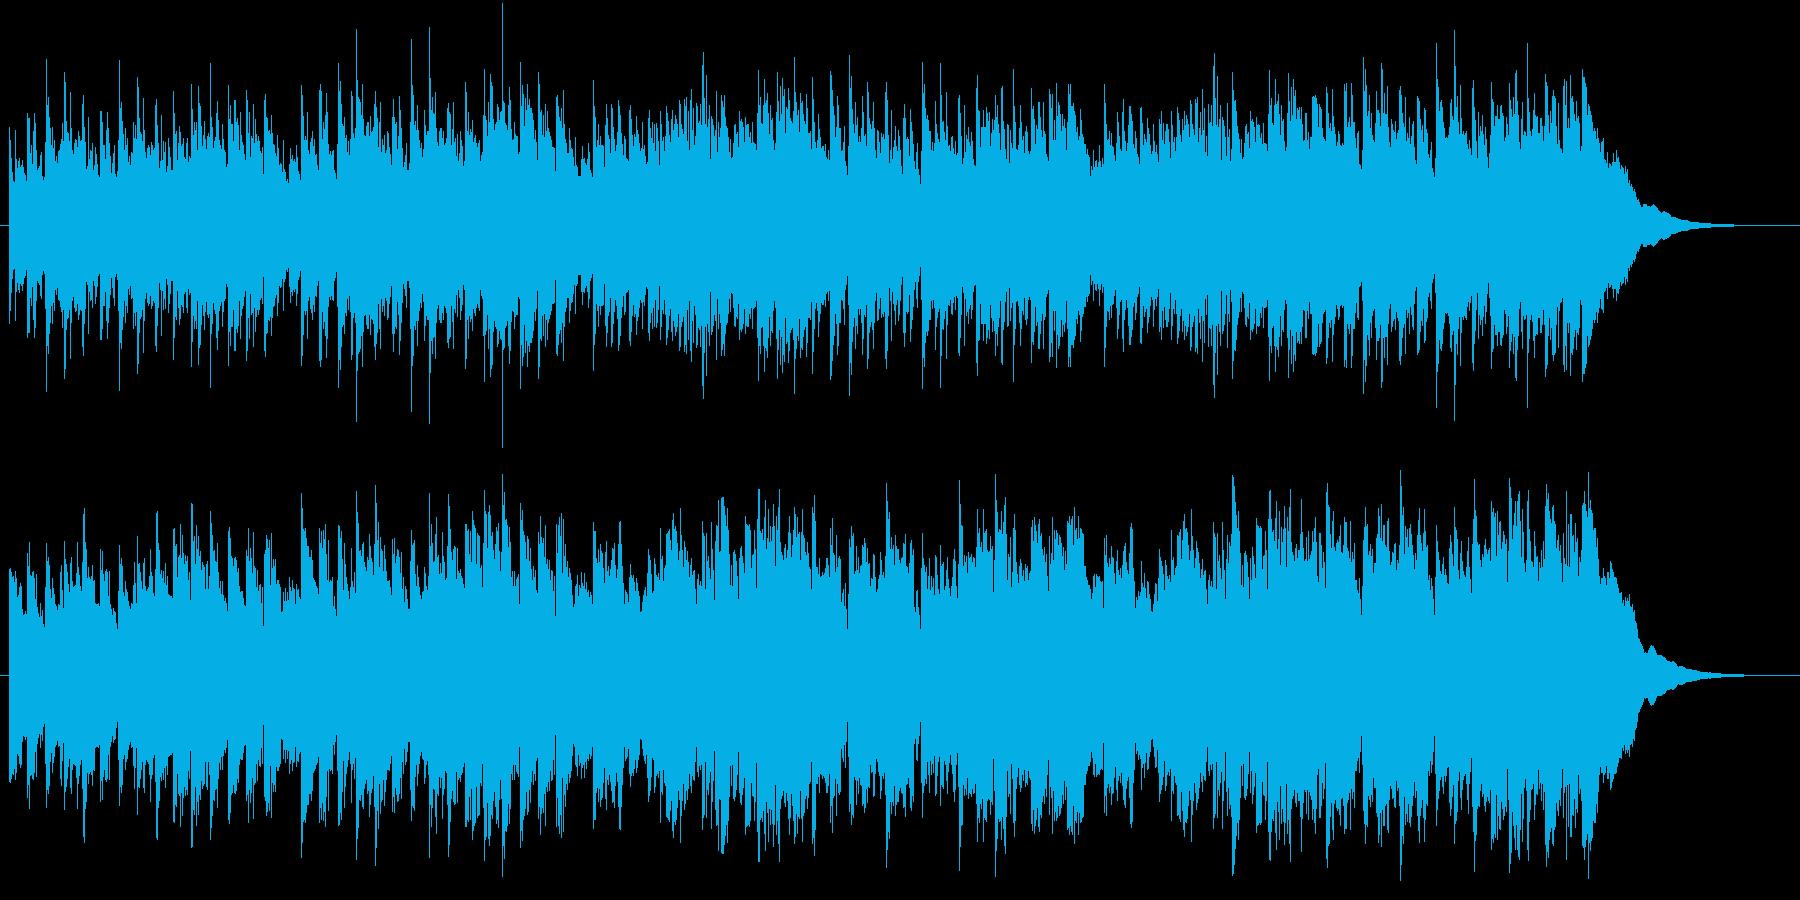 ほのぼのとしたヒーリングBGMの再生済みの波形